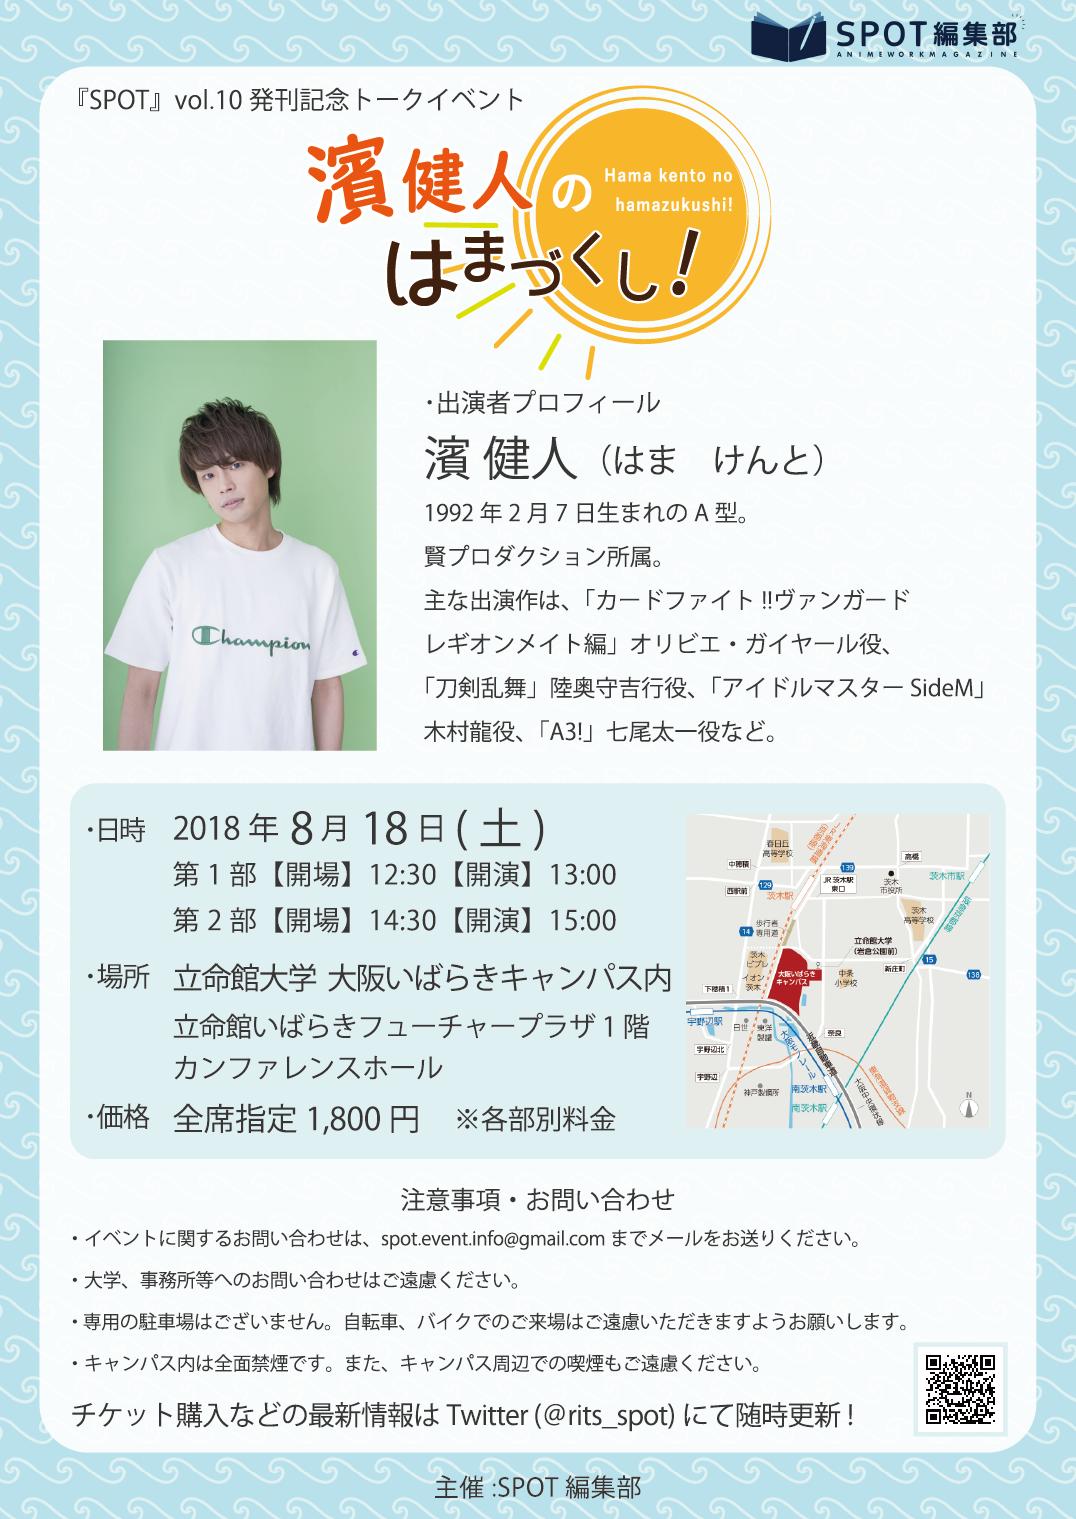 『SPOT』vol.10発刊記念トークイベント~濱健人のはまづくし!~